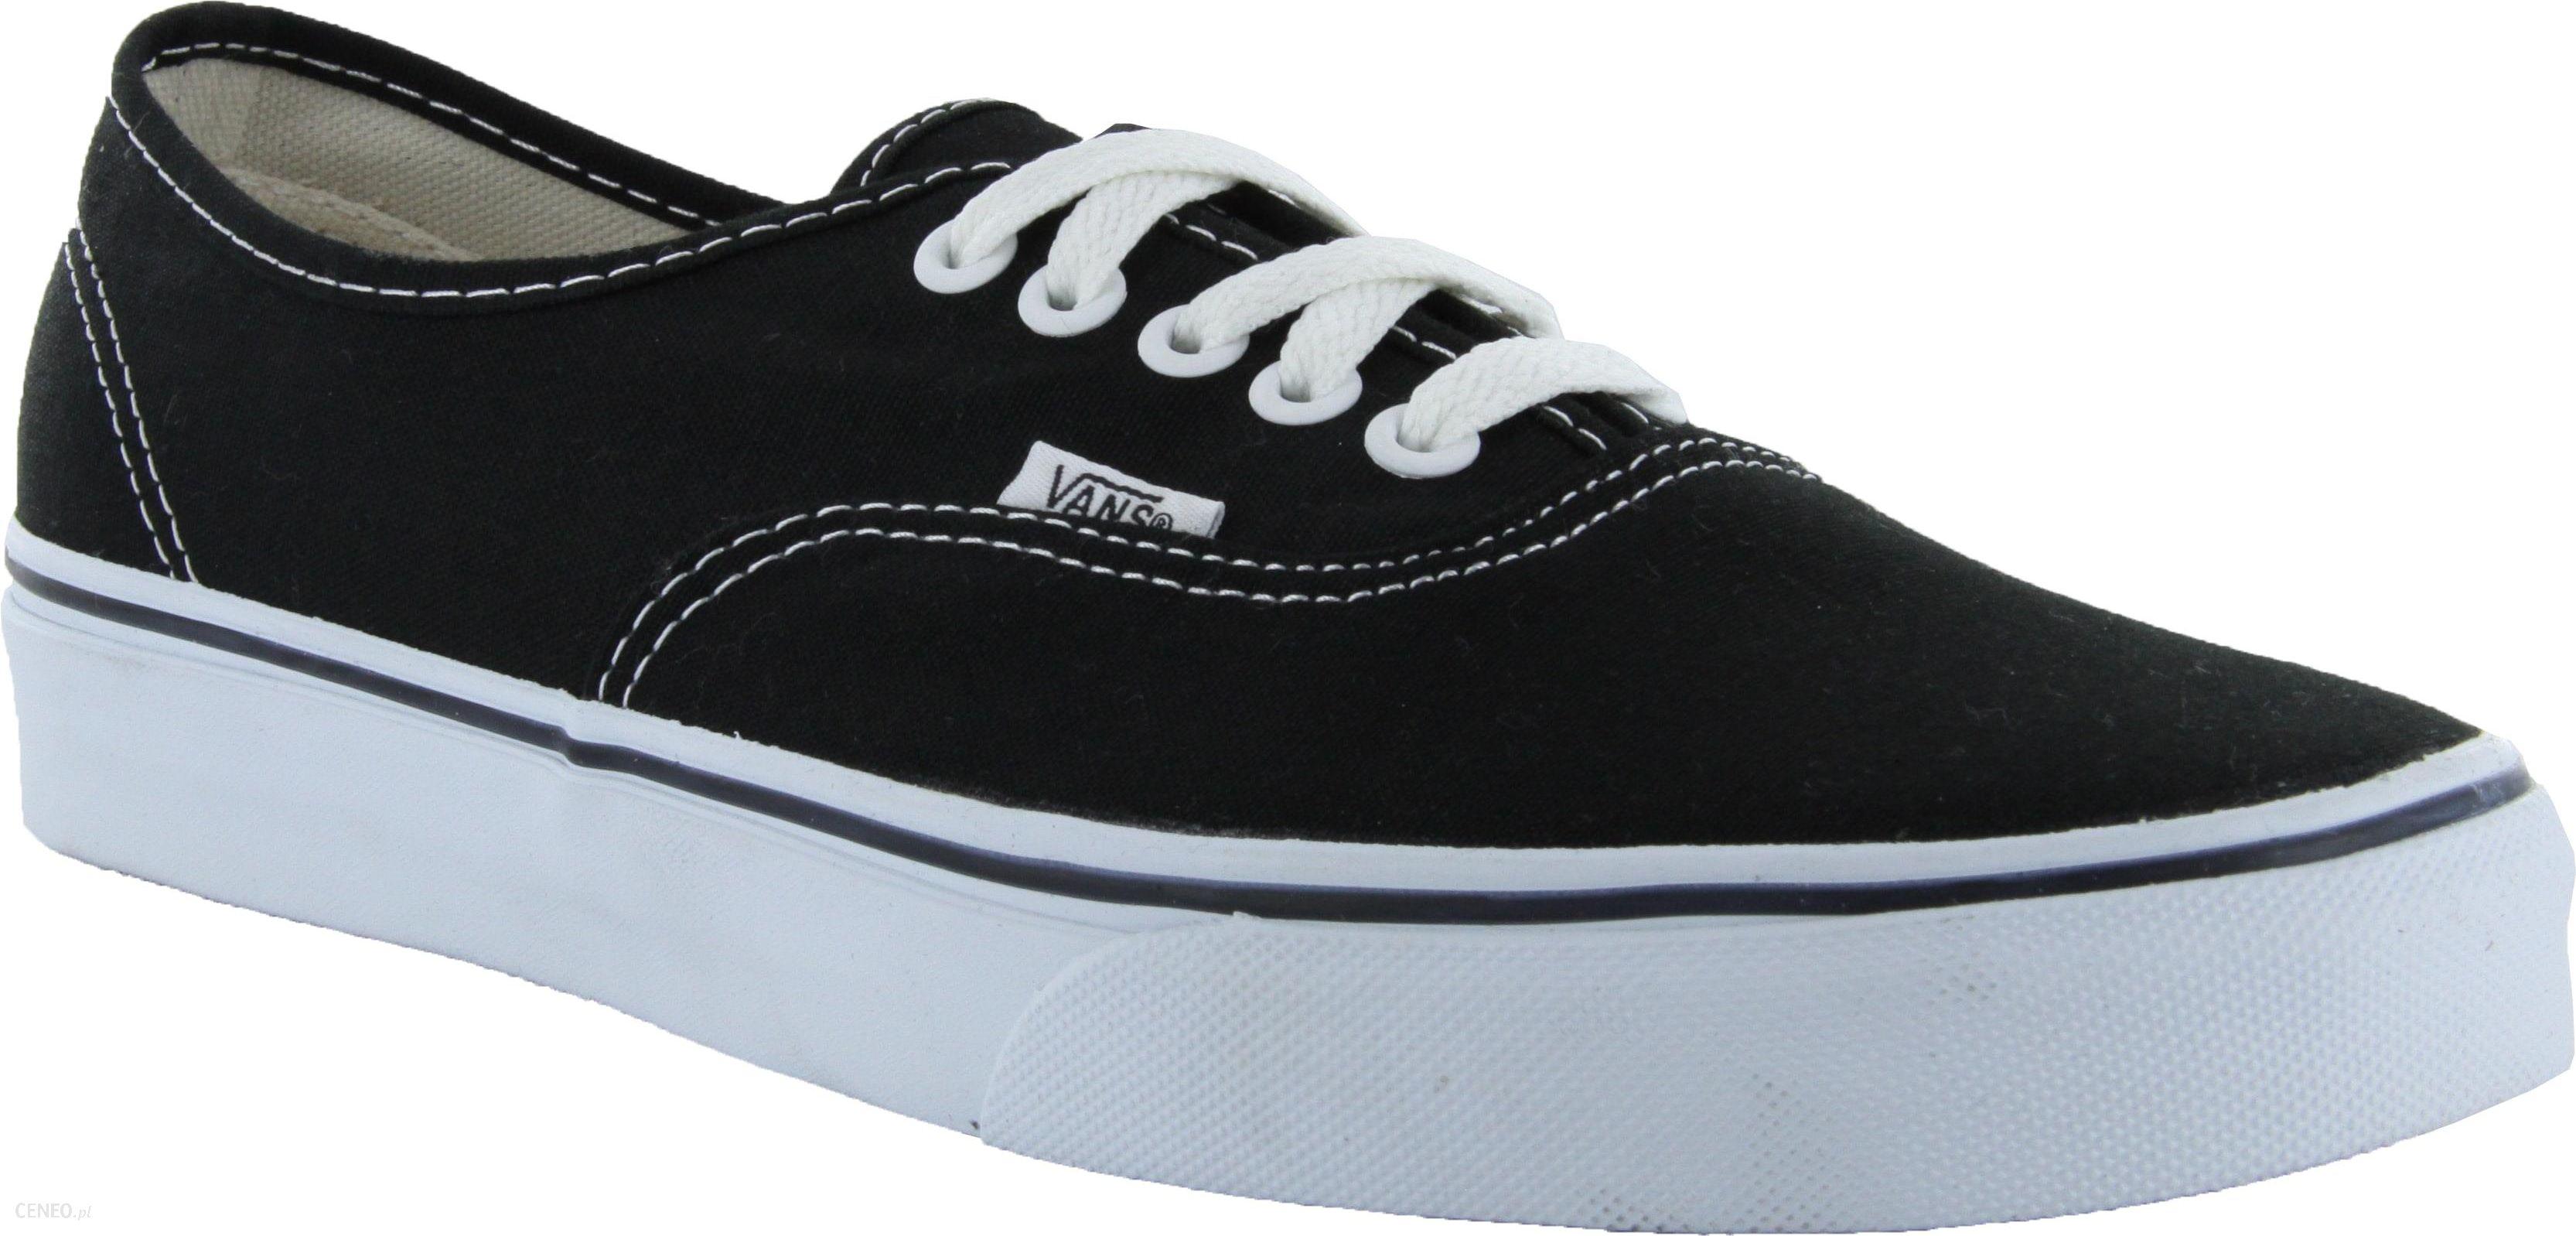 Guess Vans Authentic Skate Shoes BlackWhite Ceneo.pl